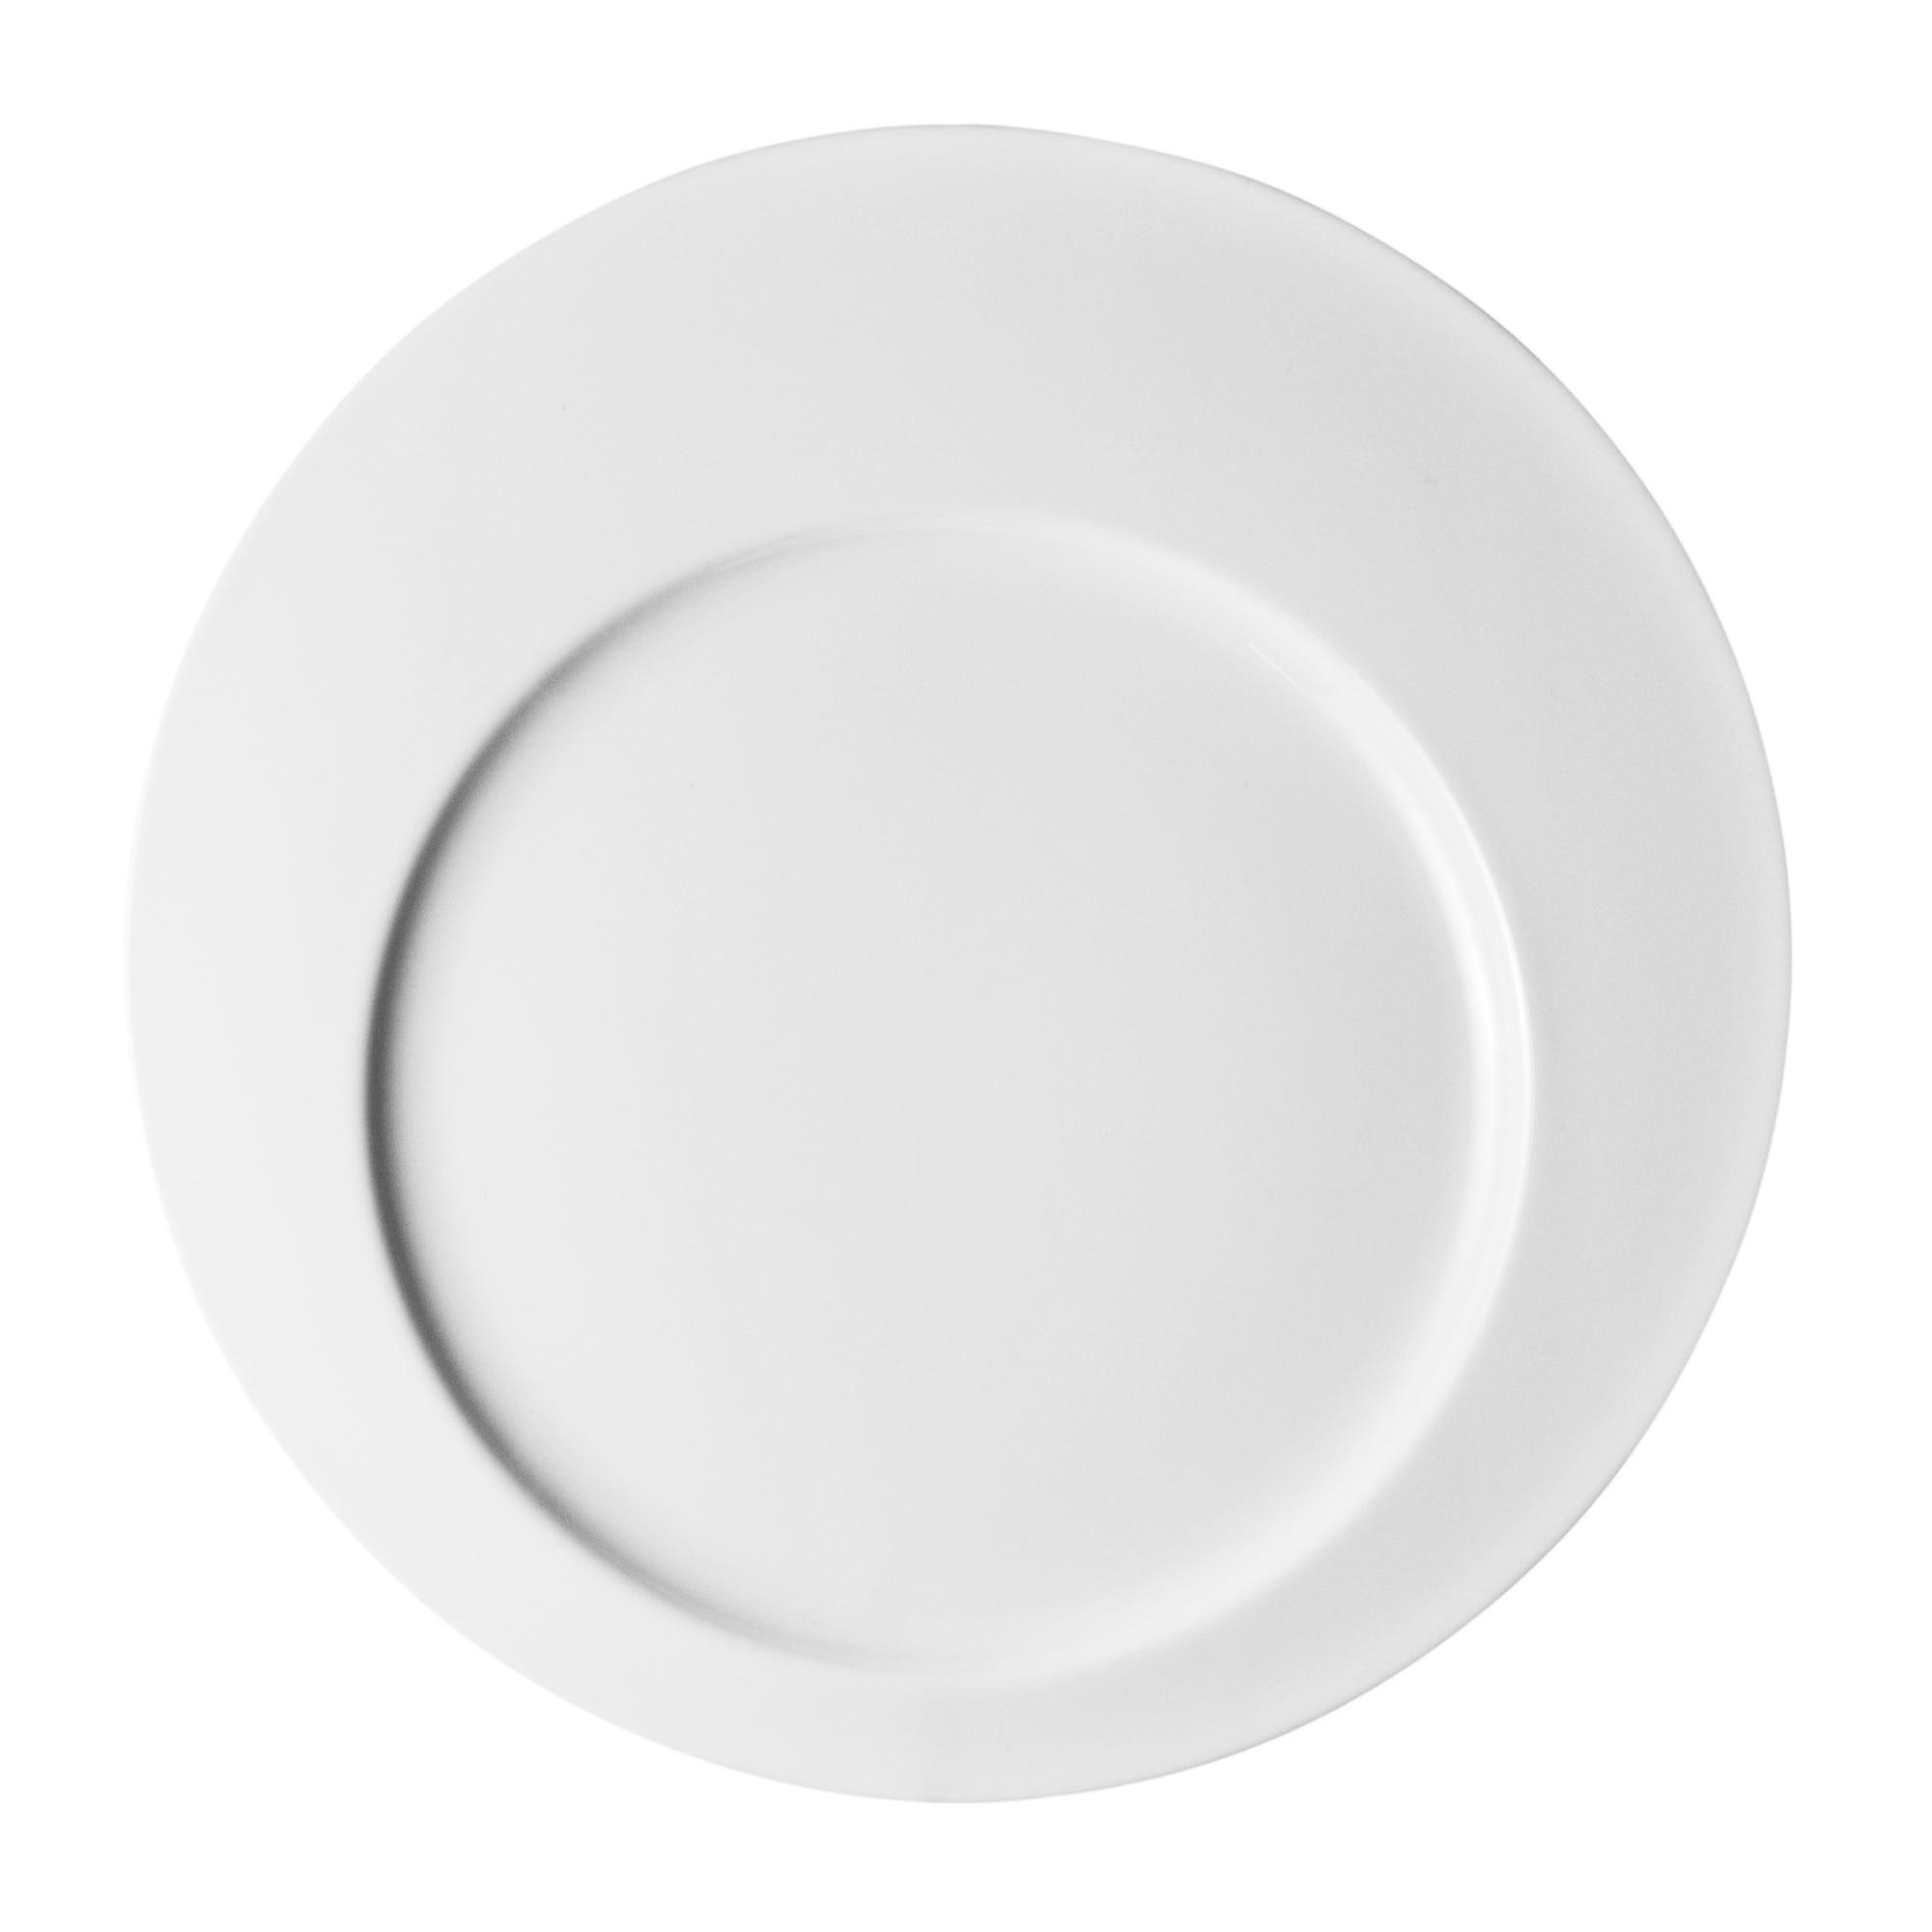 Plato de servicio redondo de porcelana en blanco